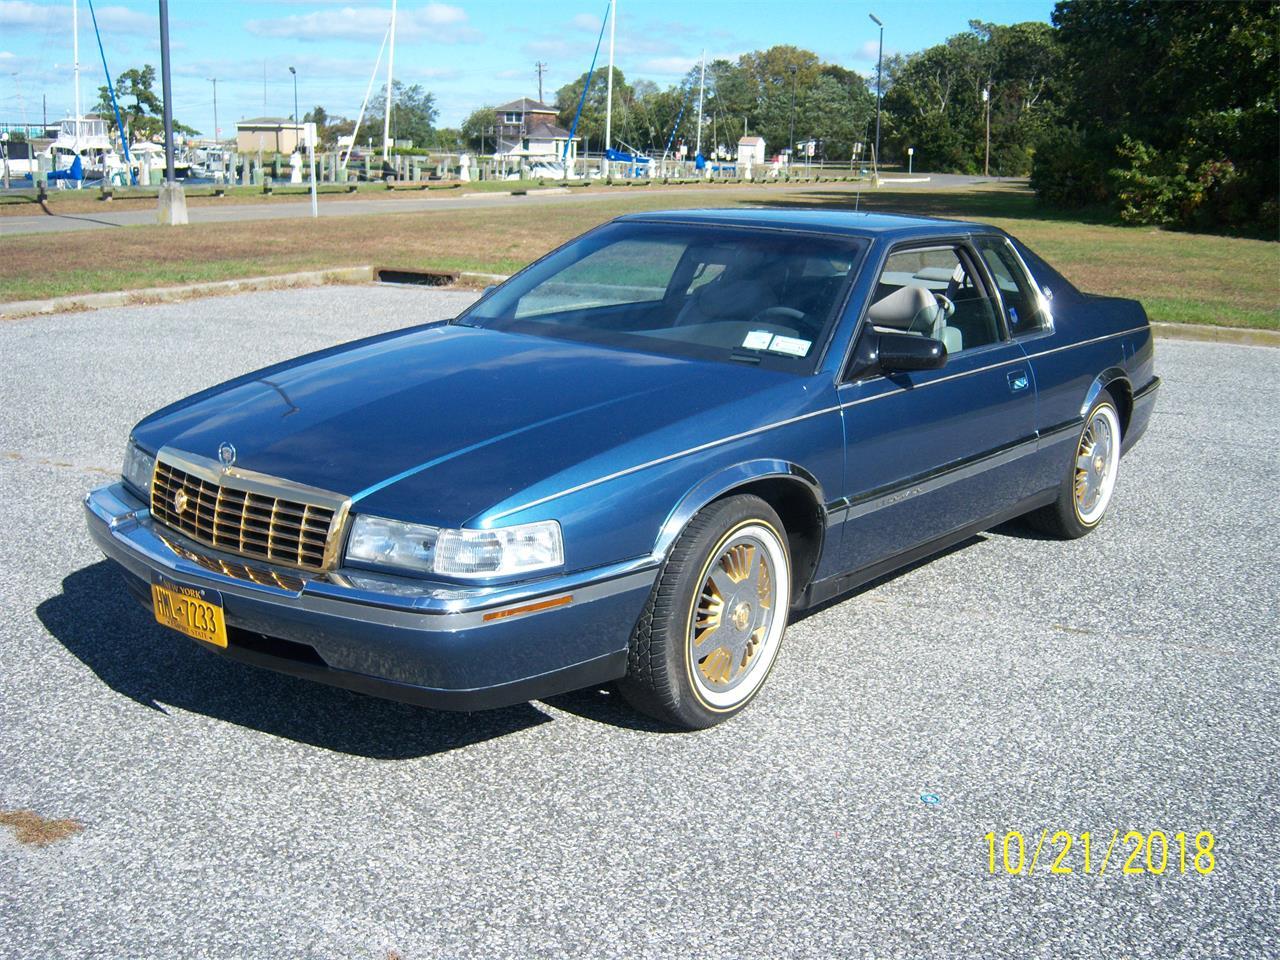 New Cadillac Eldorado >> For Sale 1992 Cadillac Eldorado In Hampton Bays New York